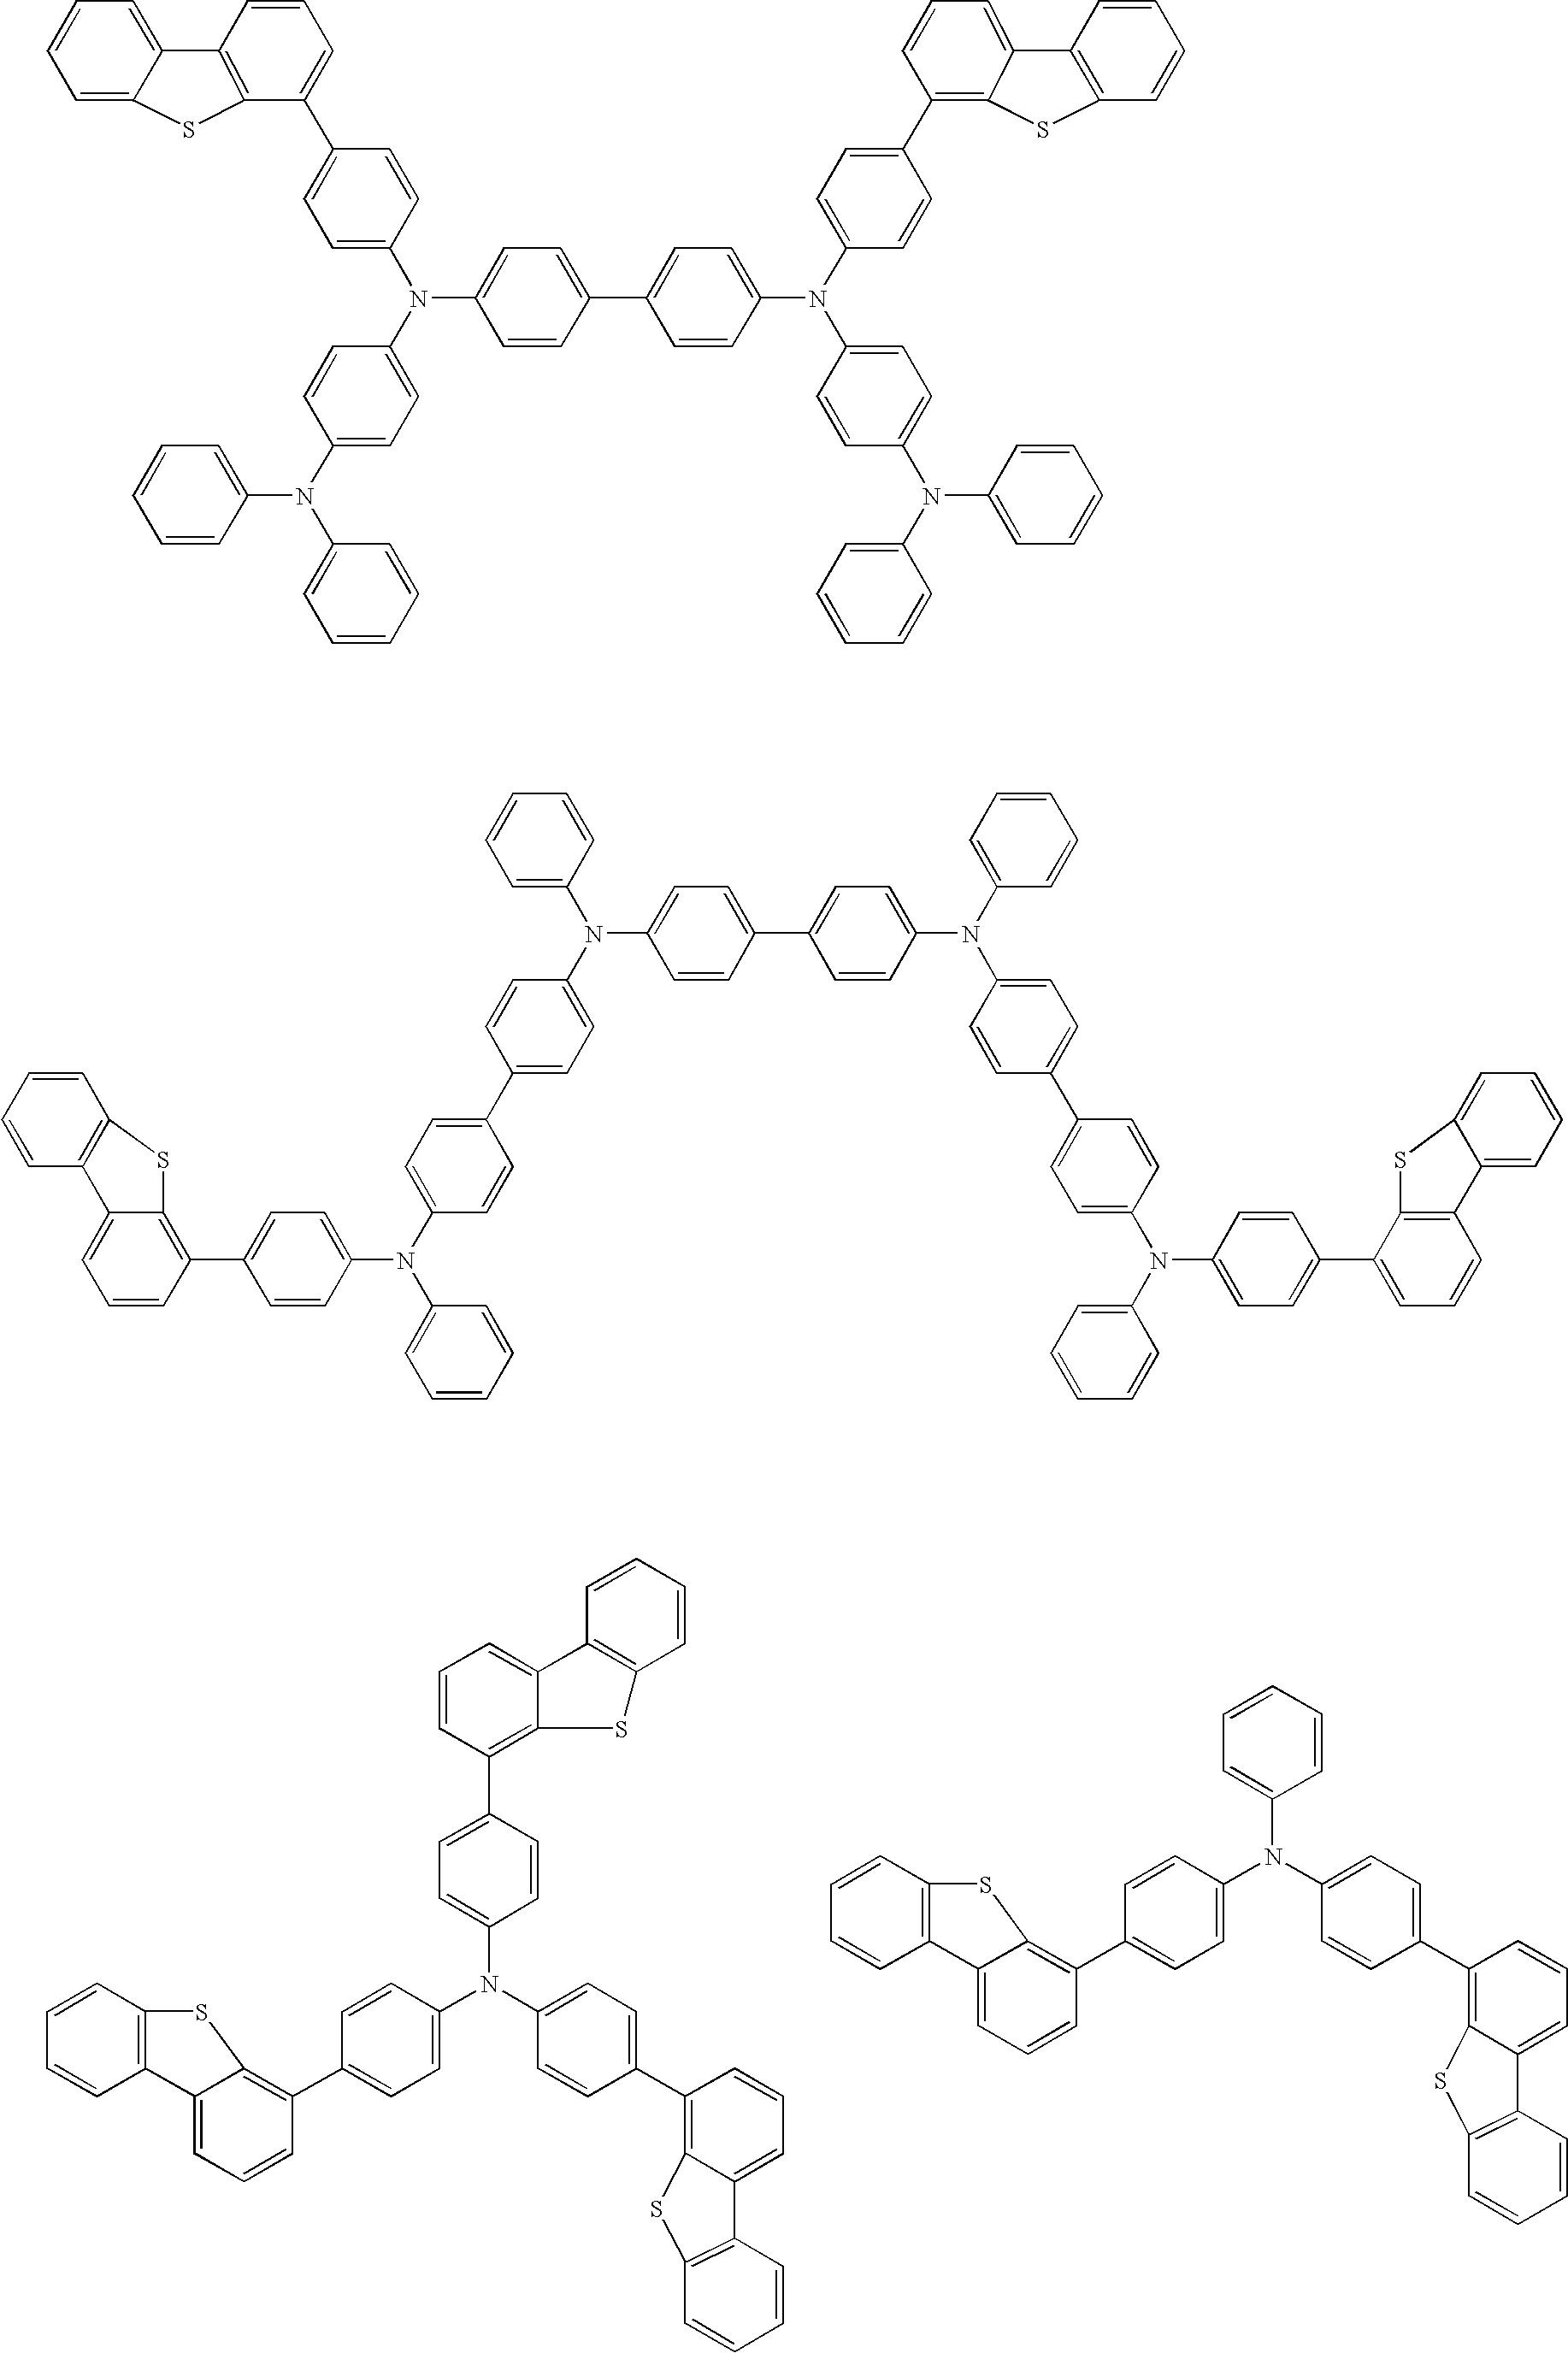 Figure US20070278938A1-20071206-C00025